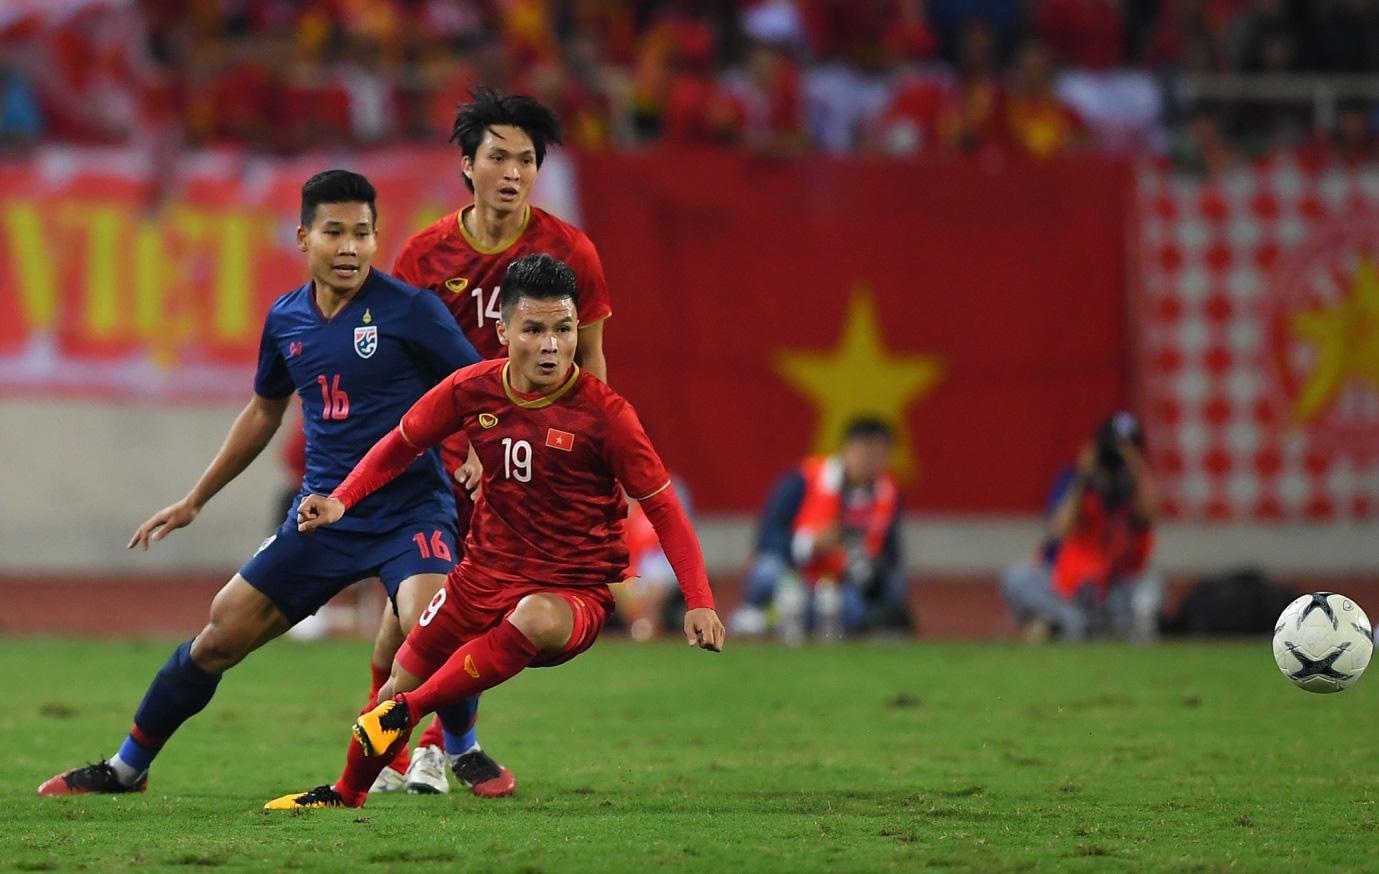 Tưng bừng cổ vũ đội tuyển U23 Việt Nam tại VCK U23 châu Á 2020 - Ảnh 3.